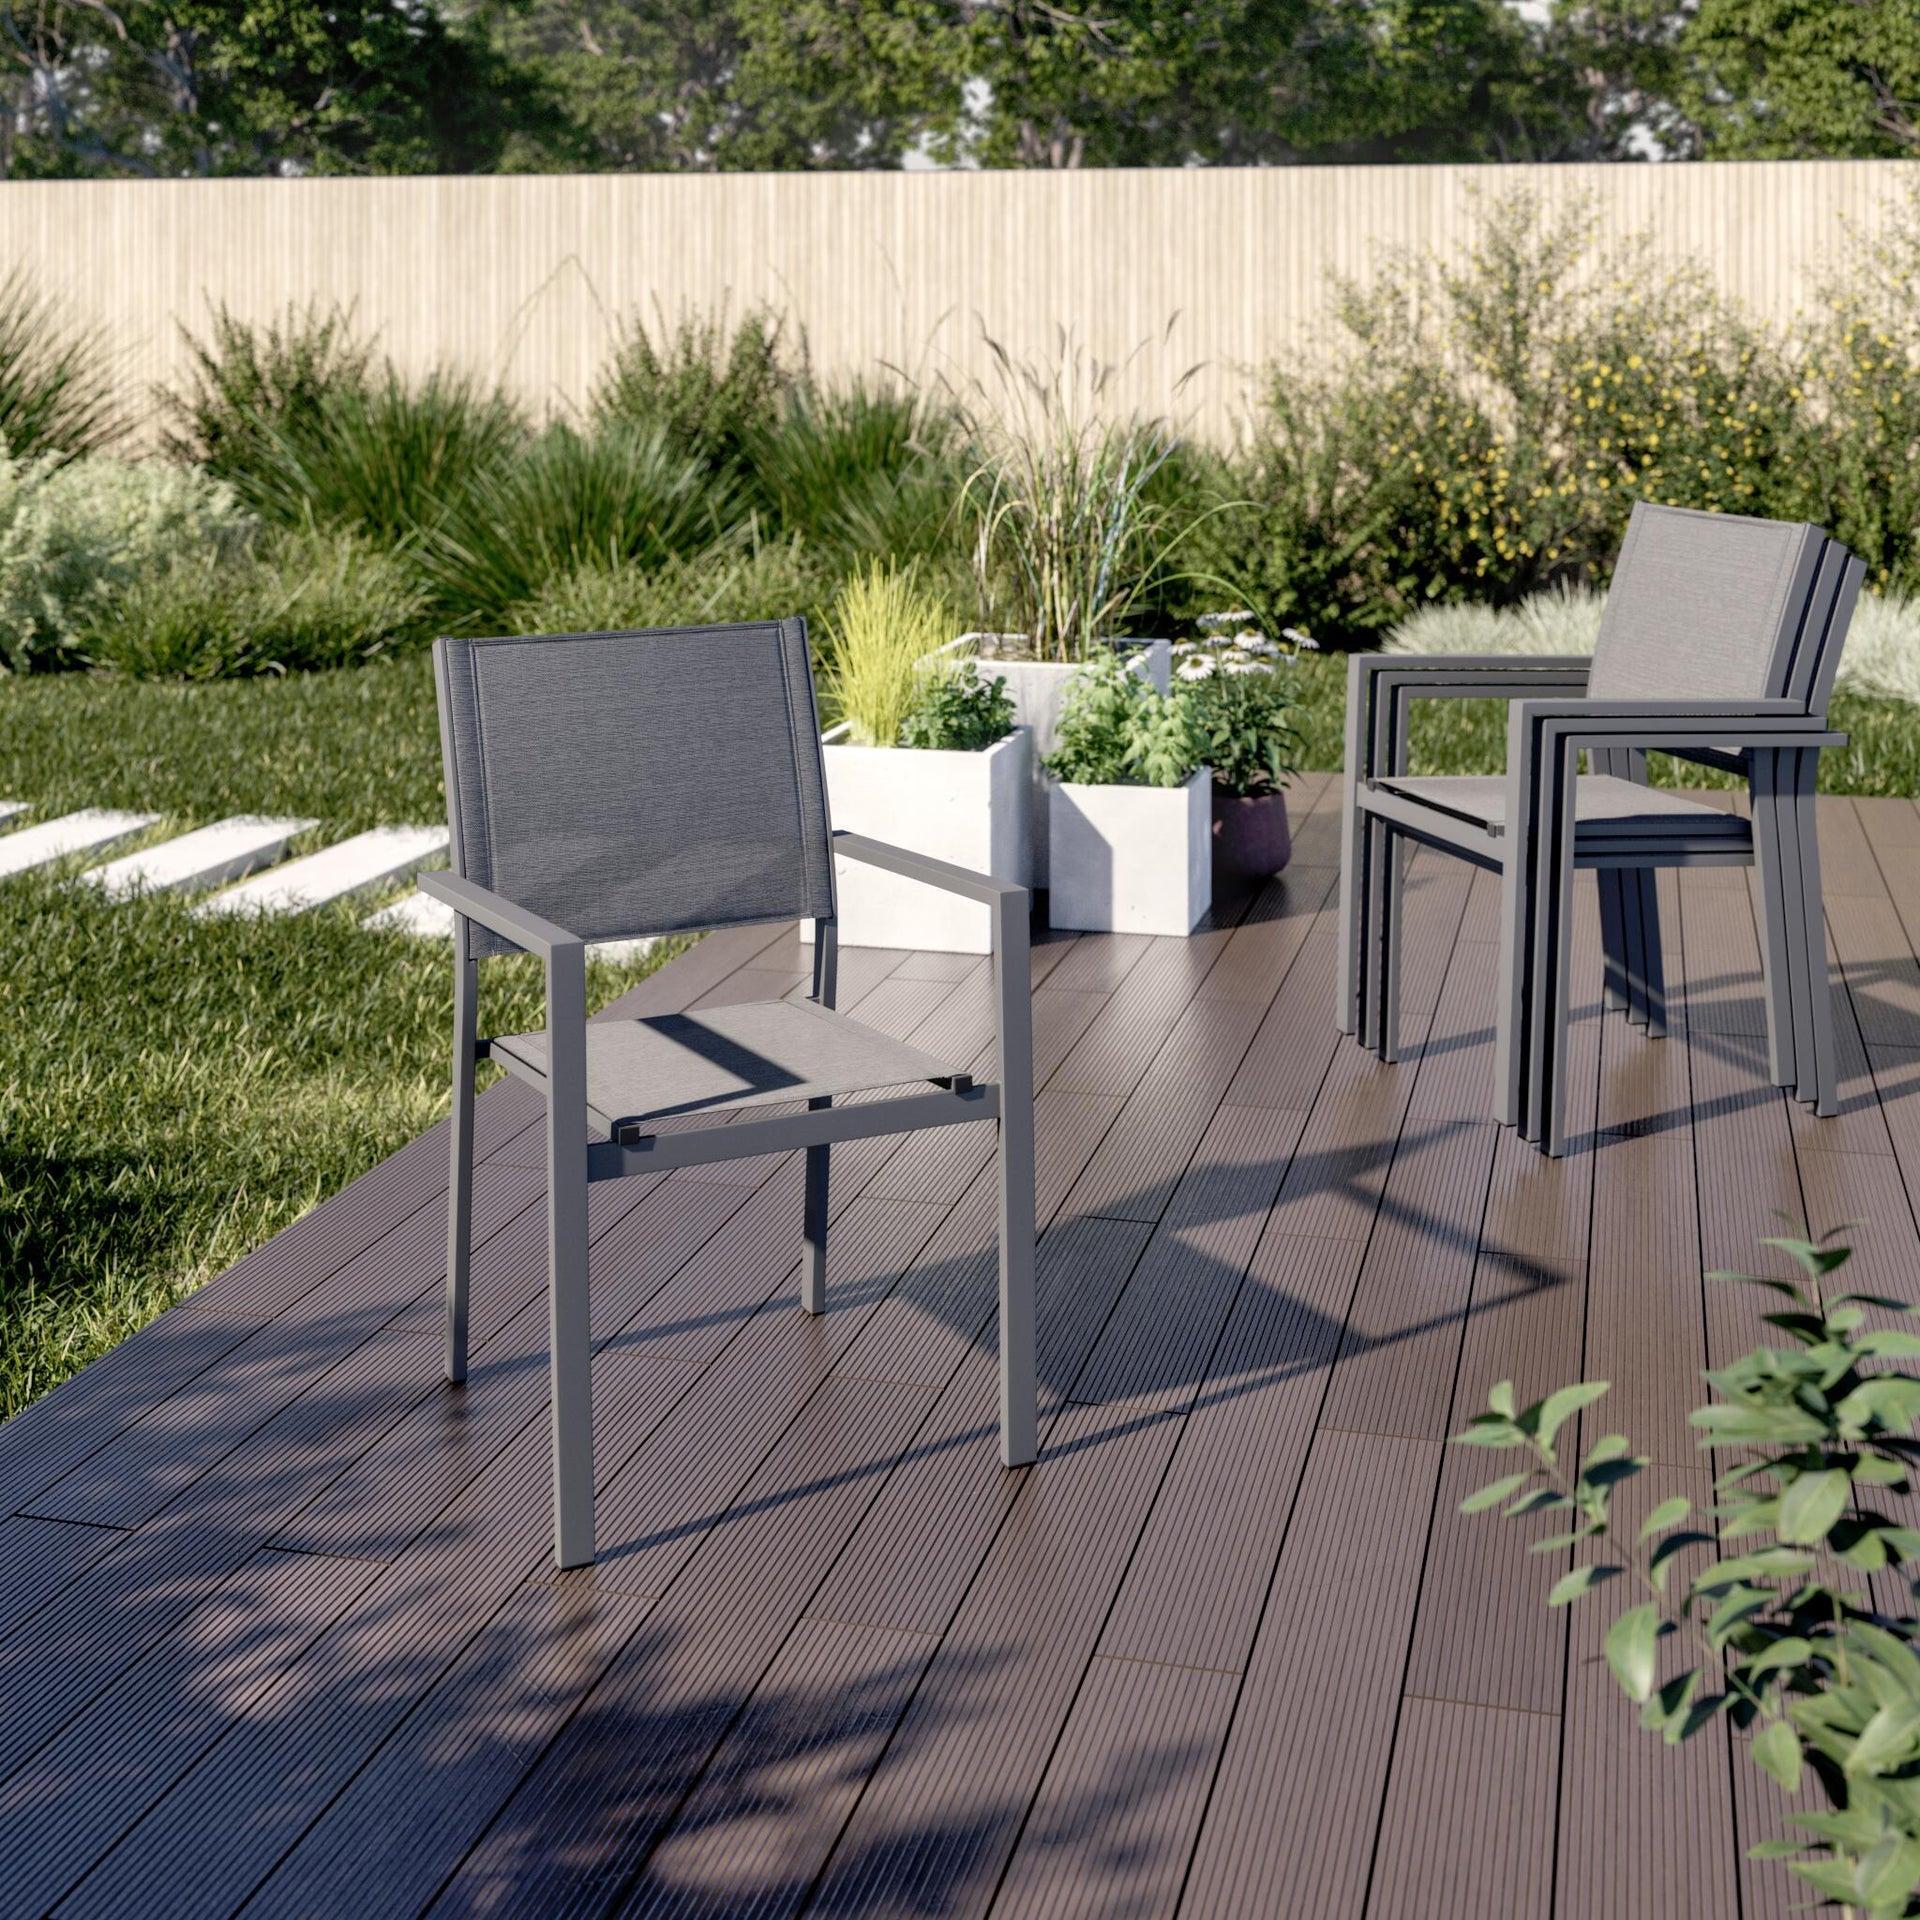 Sedia con braccioli senza cuscino in alluminio Lisbon colore grigio - 5